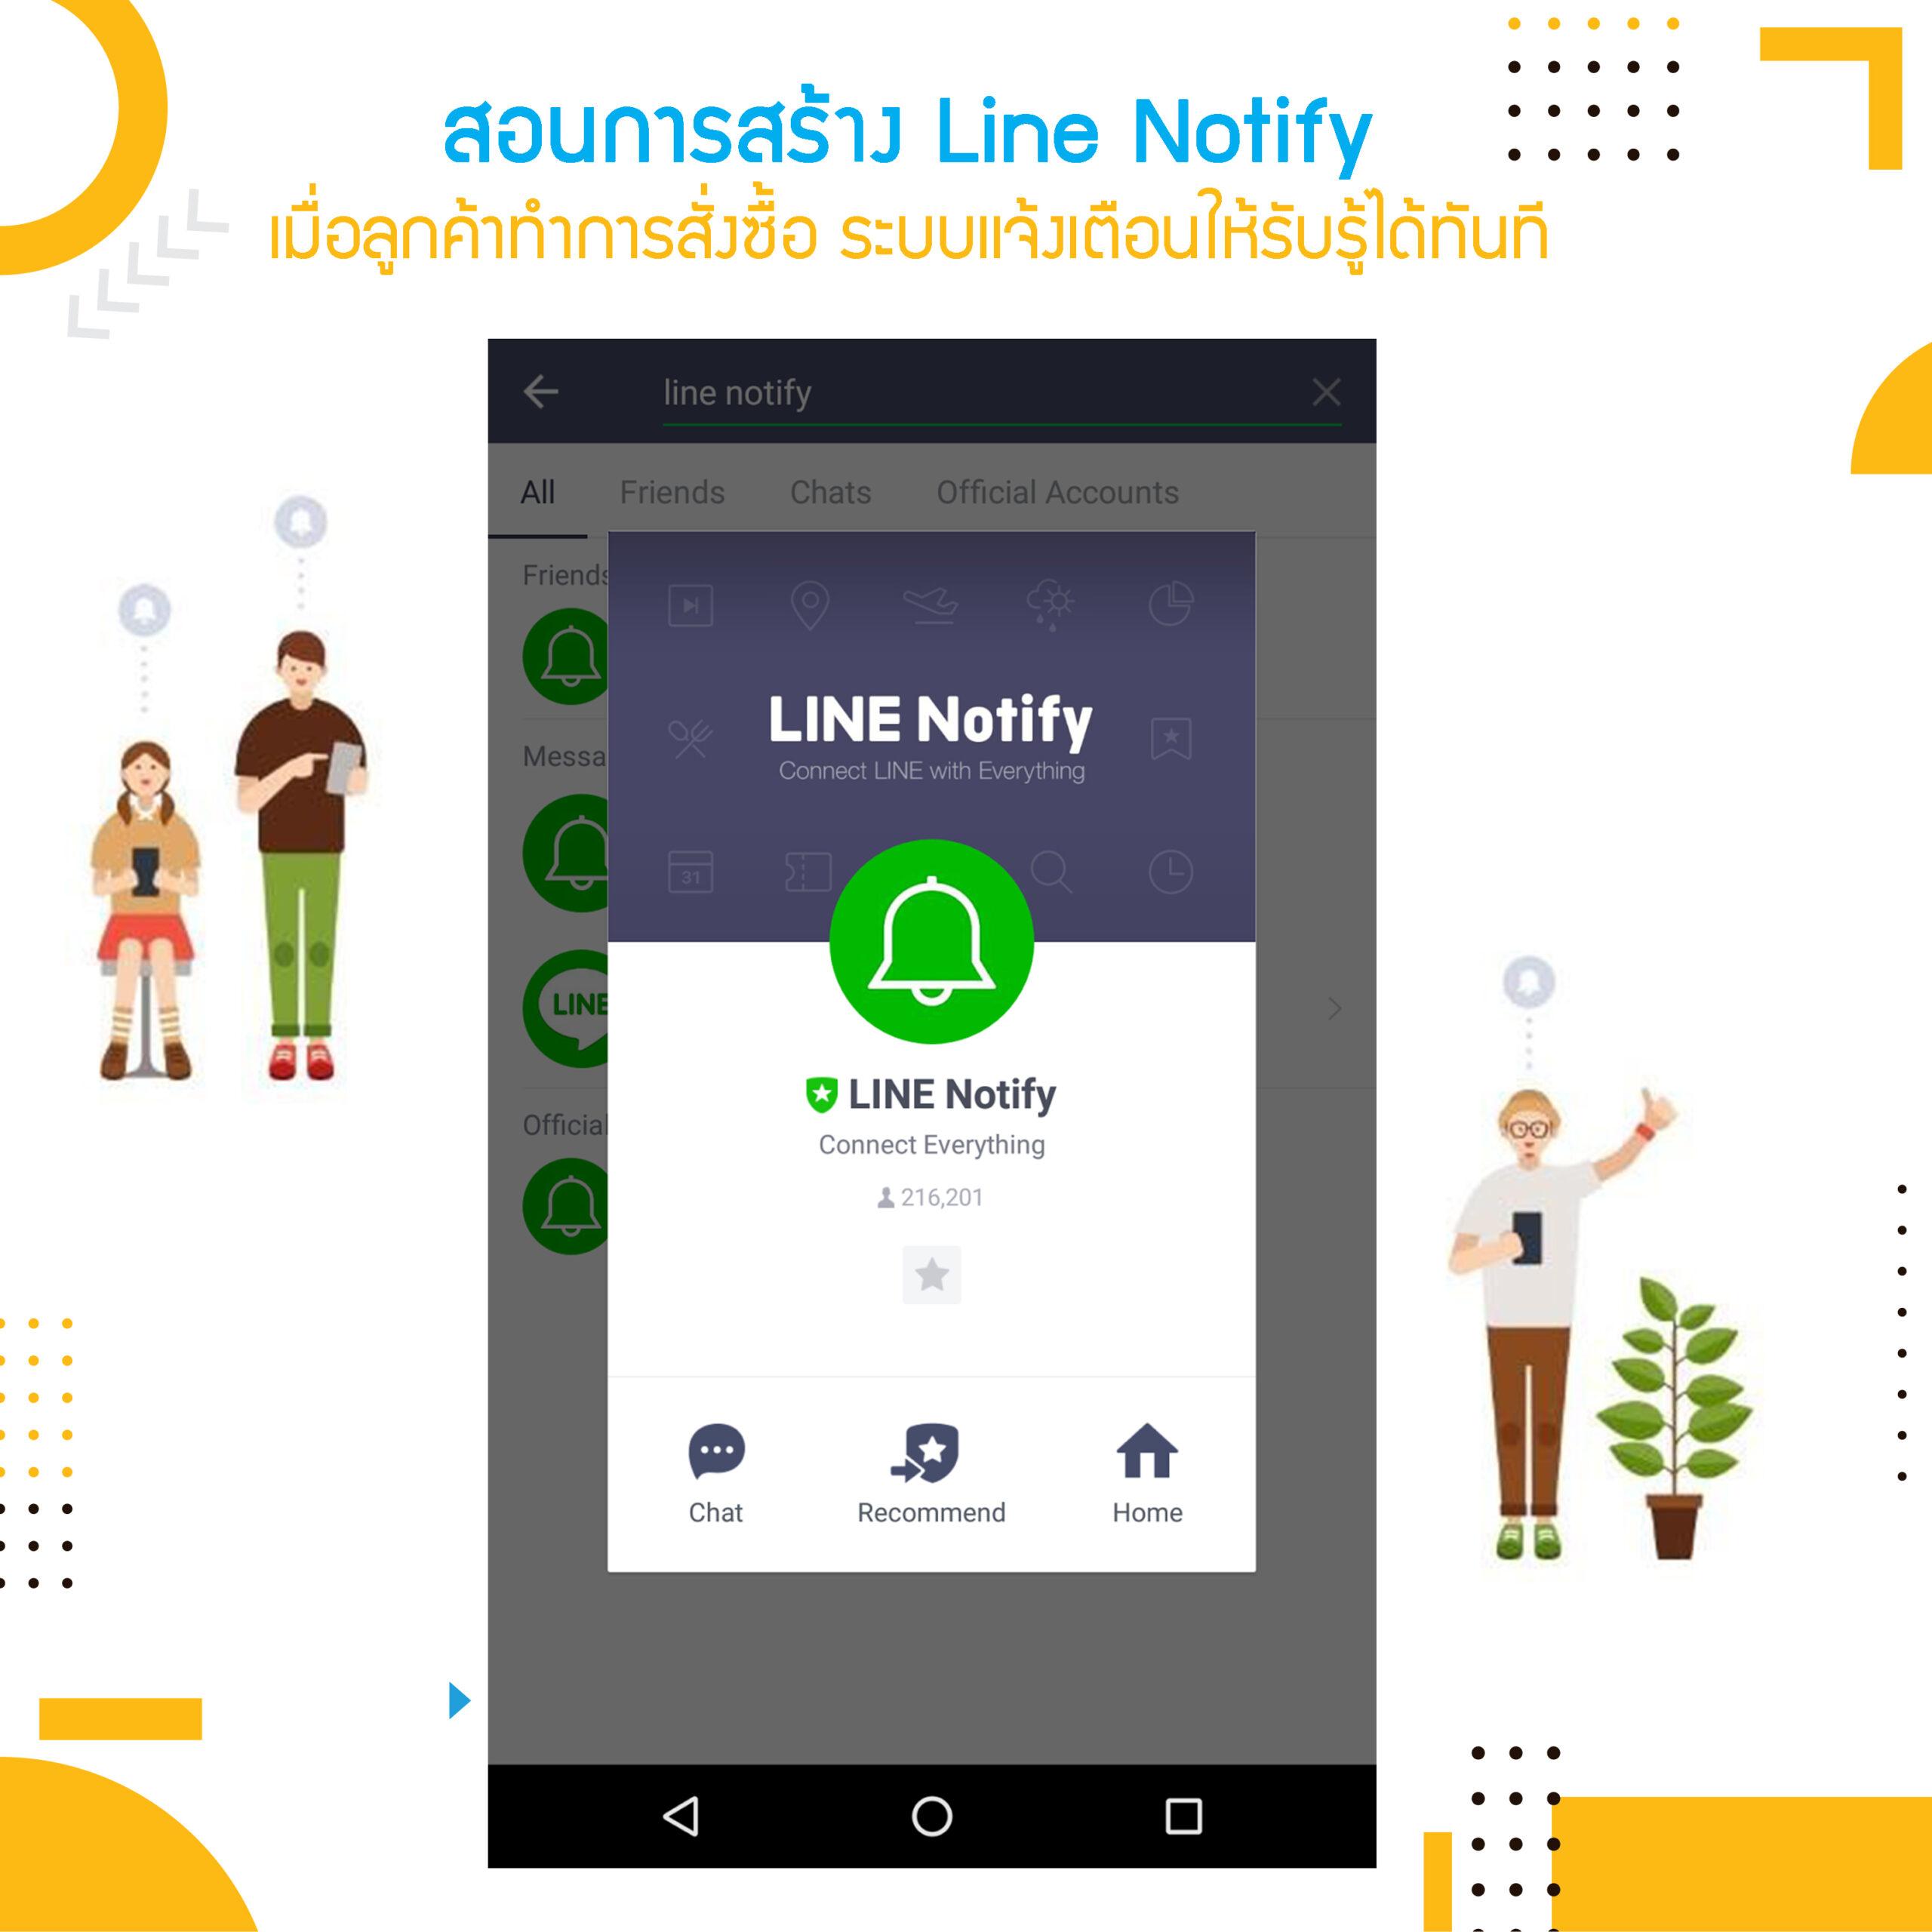 สอนการสร้าง Line Notify เป็นของตัวเอง